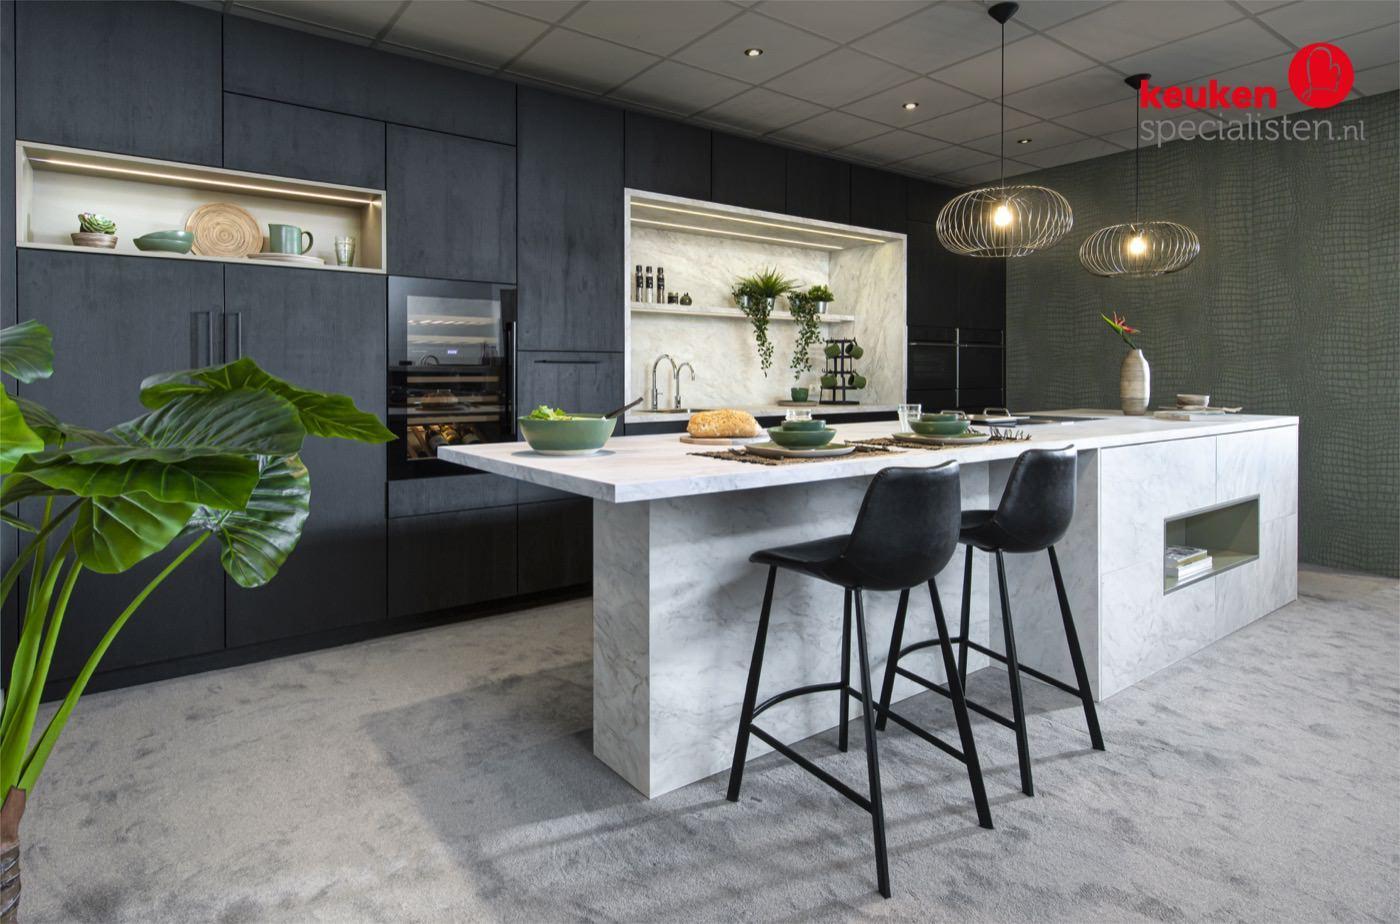 Keukenstyling: De Botanische Keuken